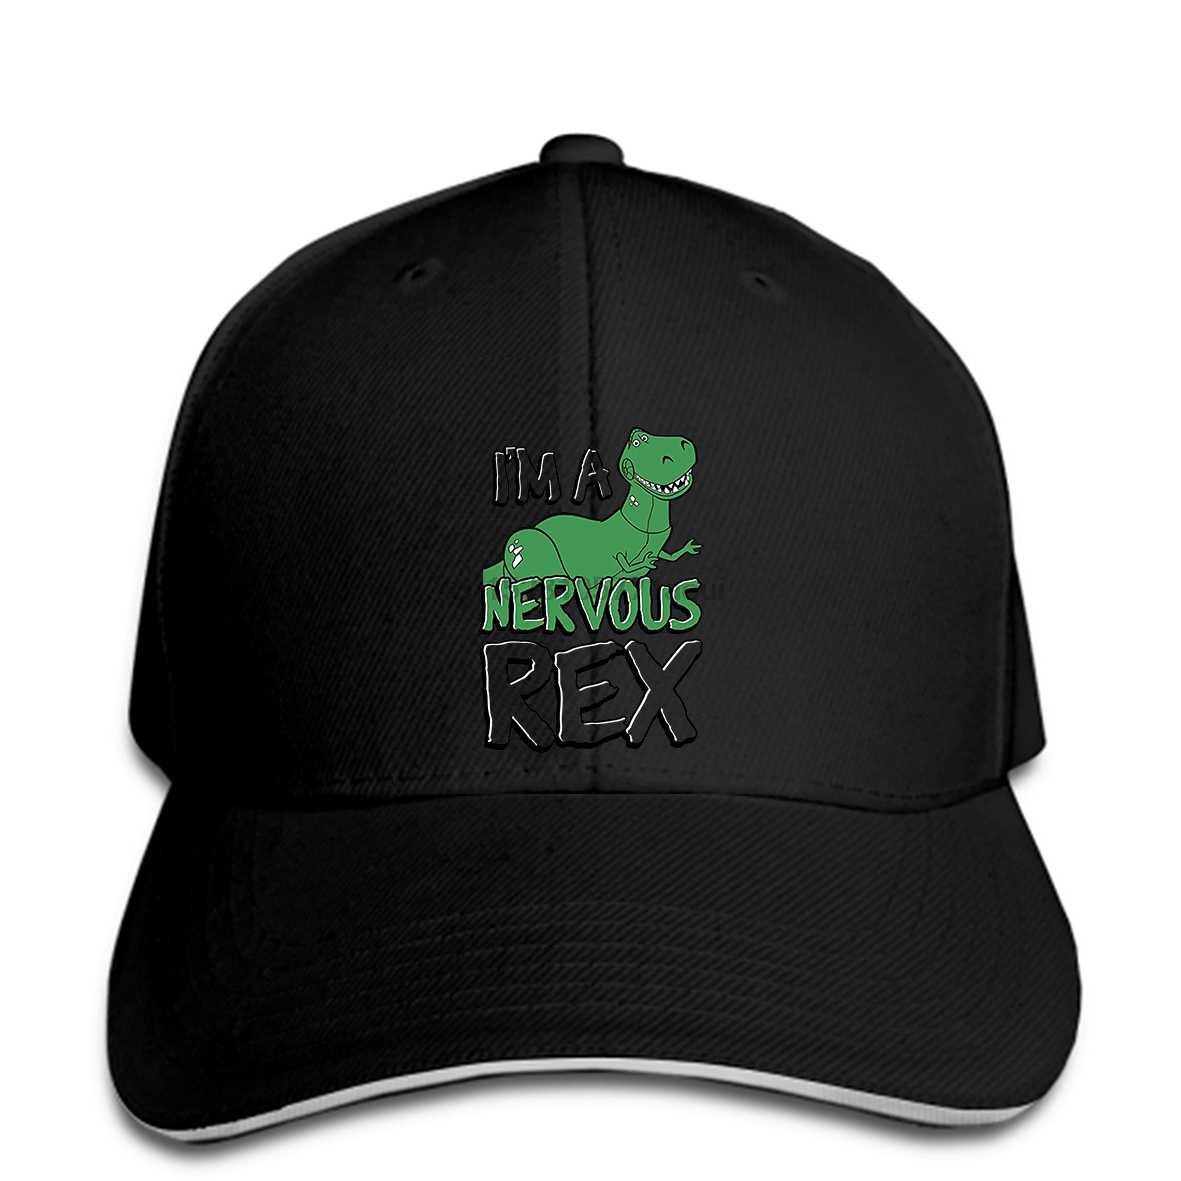 قبعة بيسبول مضحك الرجال طباعة قبعة قبعة بيسبول s snapbacks أسود الرجال قبعات البيسبول المخصصة لعبة قصة العصبي ريكس الجرافيك